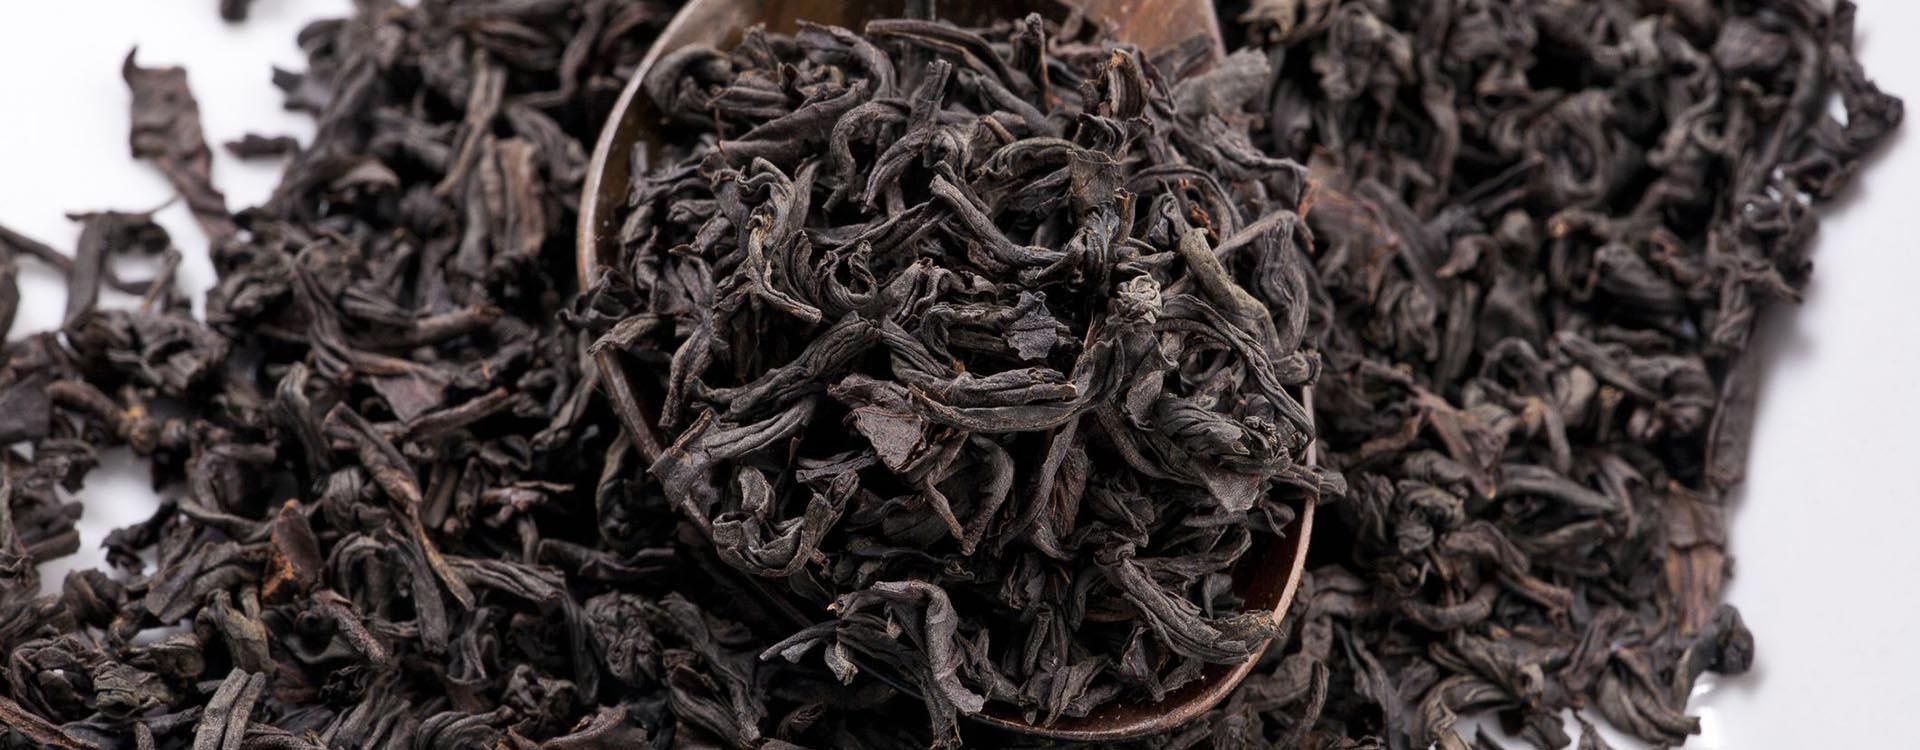 فروش چای ایرانی به صورت عمده